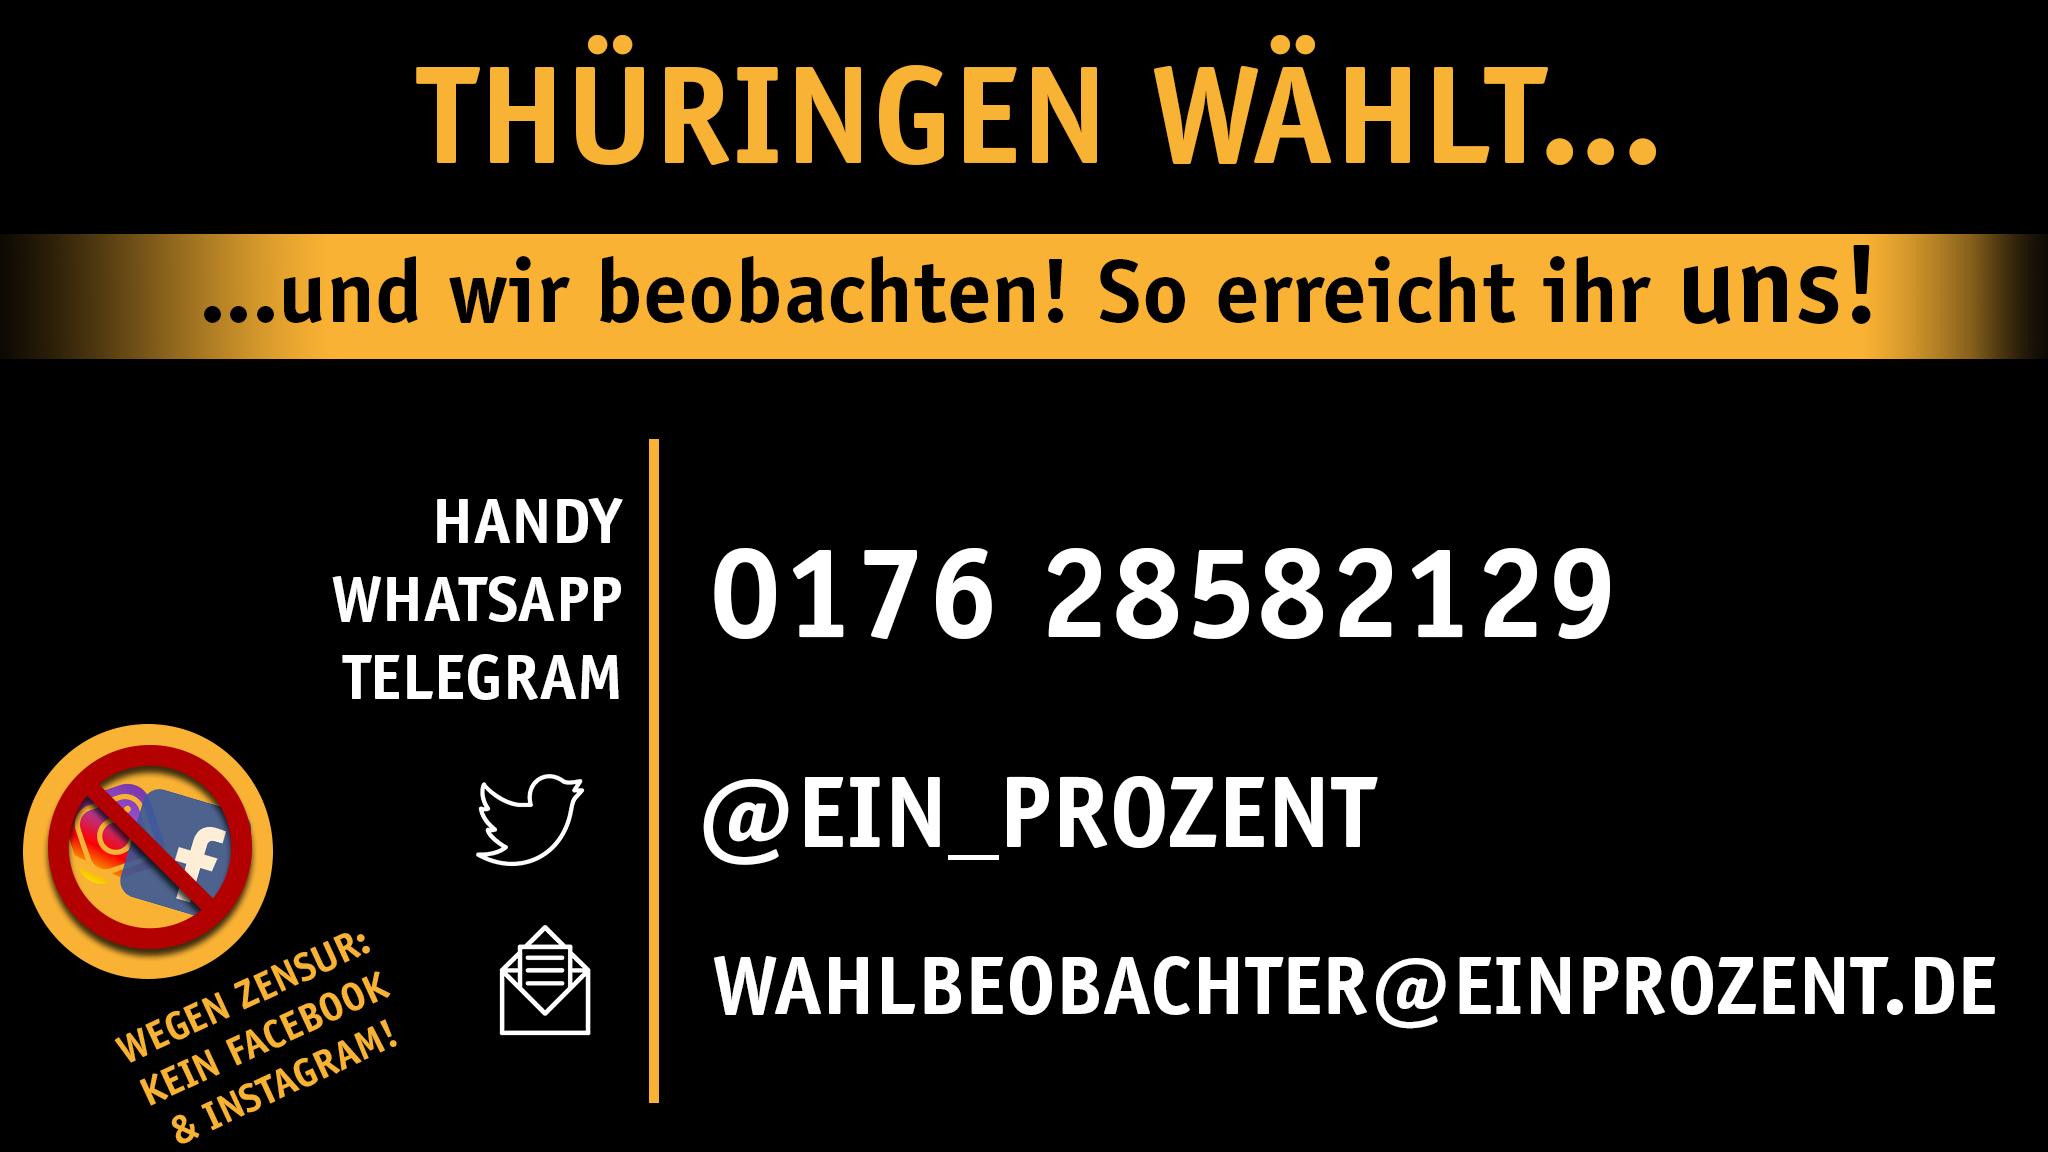 Wahlbeobachtung Thüringen: Liveticker & Kontakt